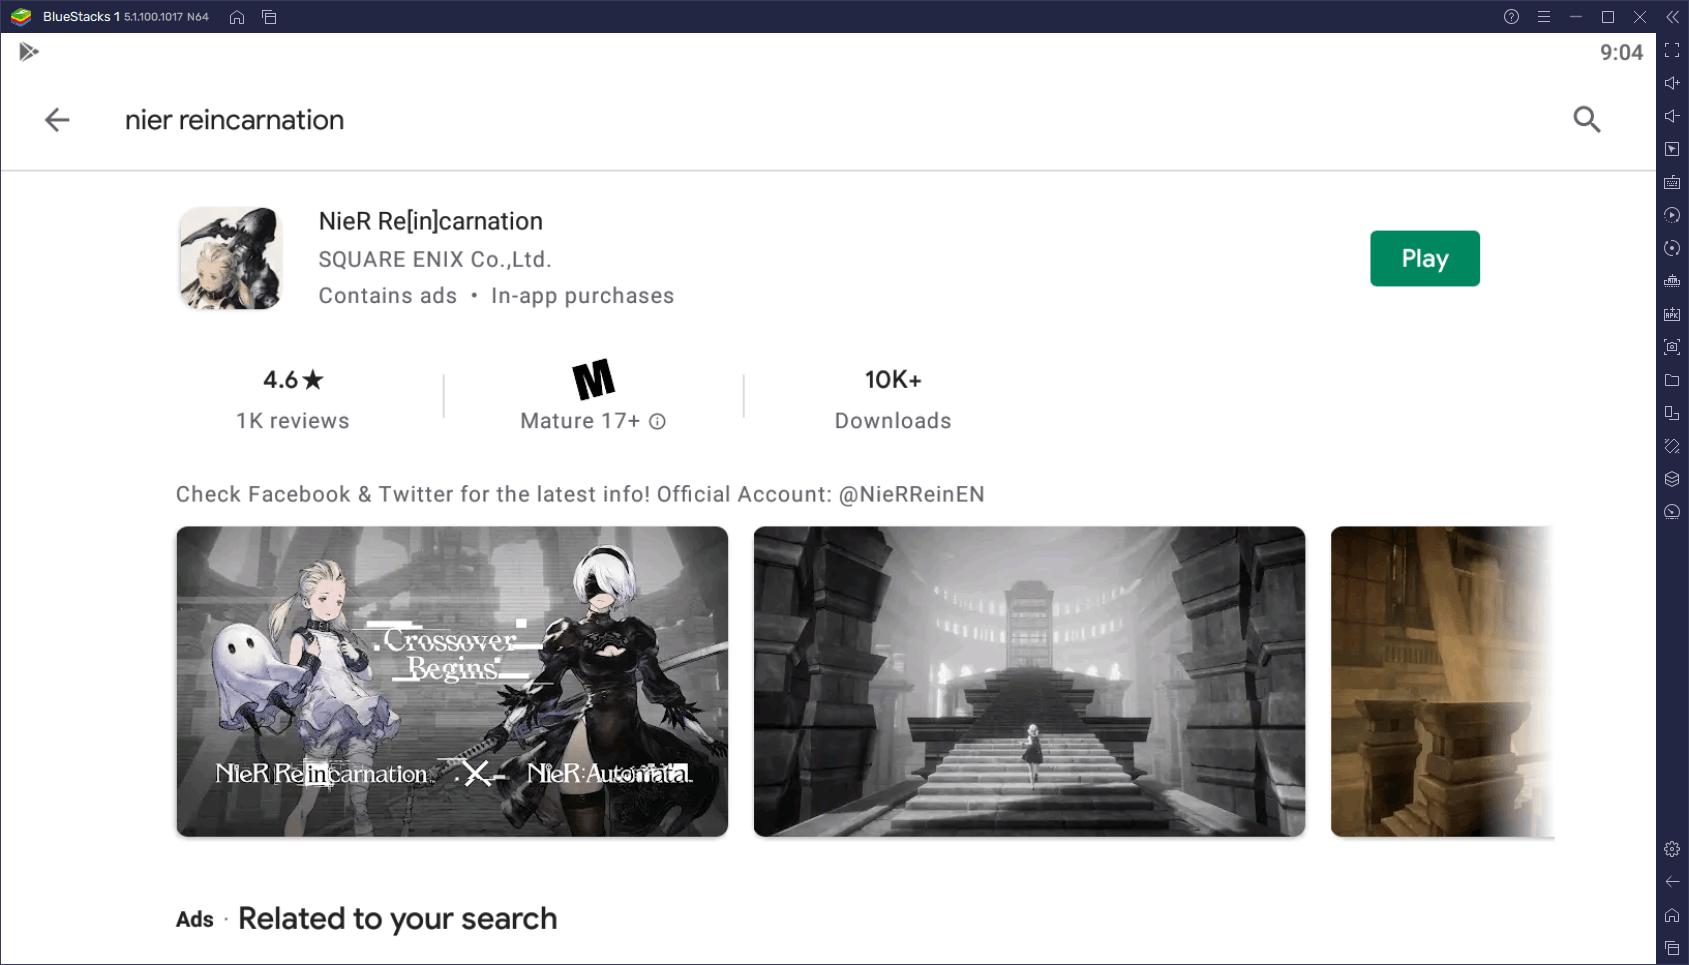 لعبة NieR Reincarnation  – كيفية لعب لعبة NieR للأجهزة المحمولة الجديدة على جهاز الكمبيوتر الخاص بك